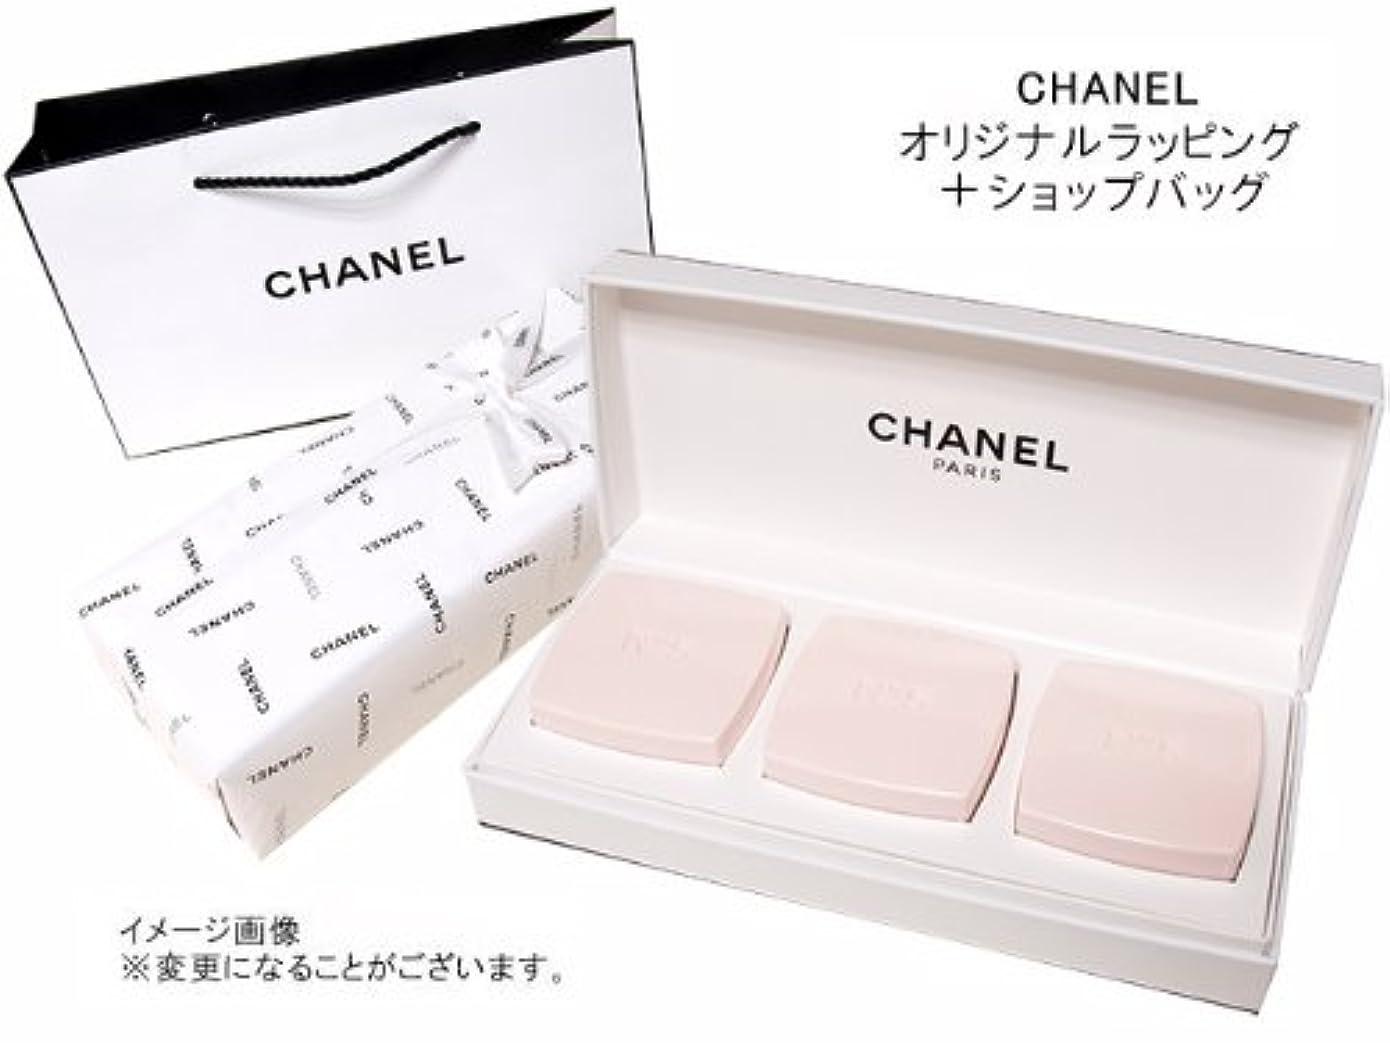 ビジュアルバスルーム学生CHANEL(シャネル) LES CADEAUX シャネル N゜5ギフトコレクションN゜5 サヴォン(石けん)75g×3 オリジナルラッピング&ショップバッグ付専用ギフトボックス入り